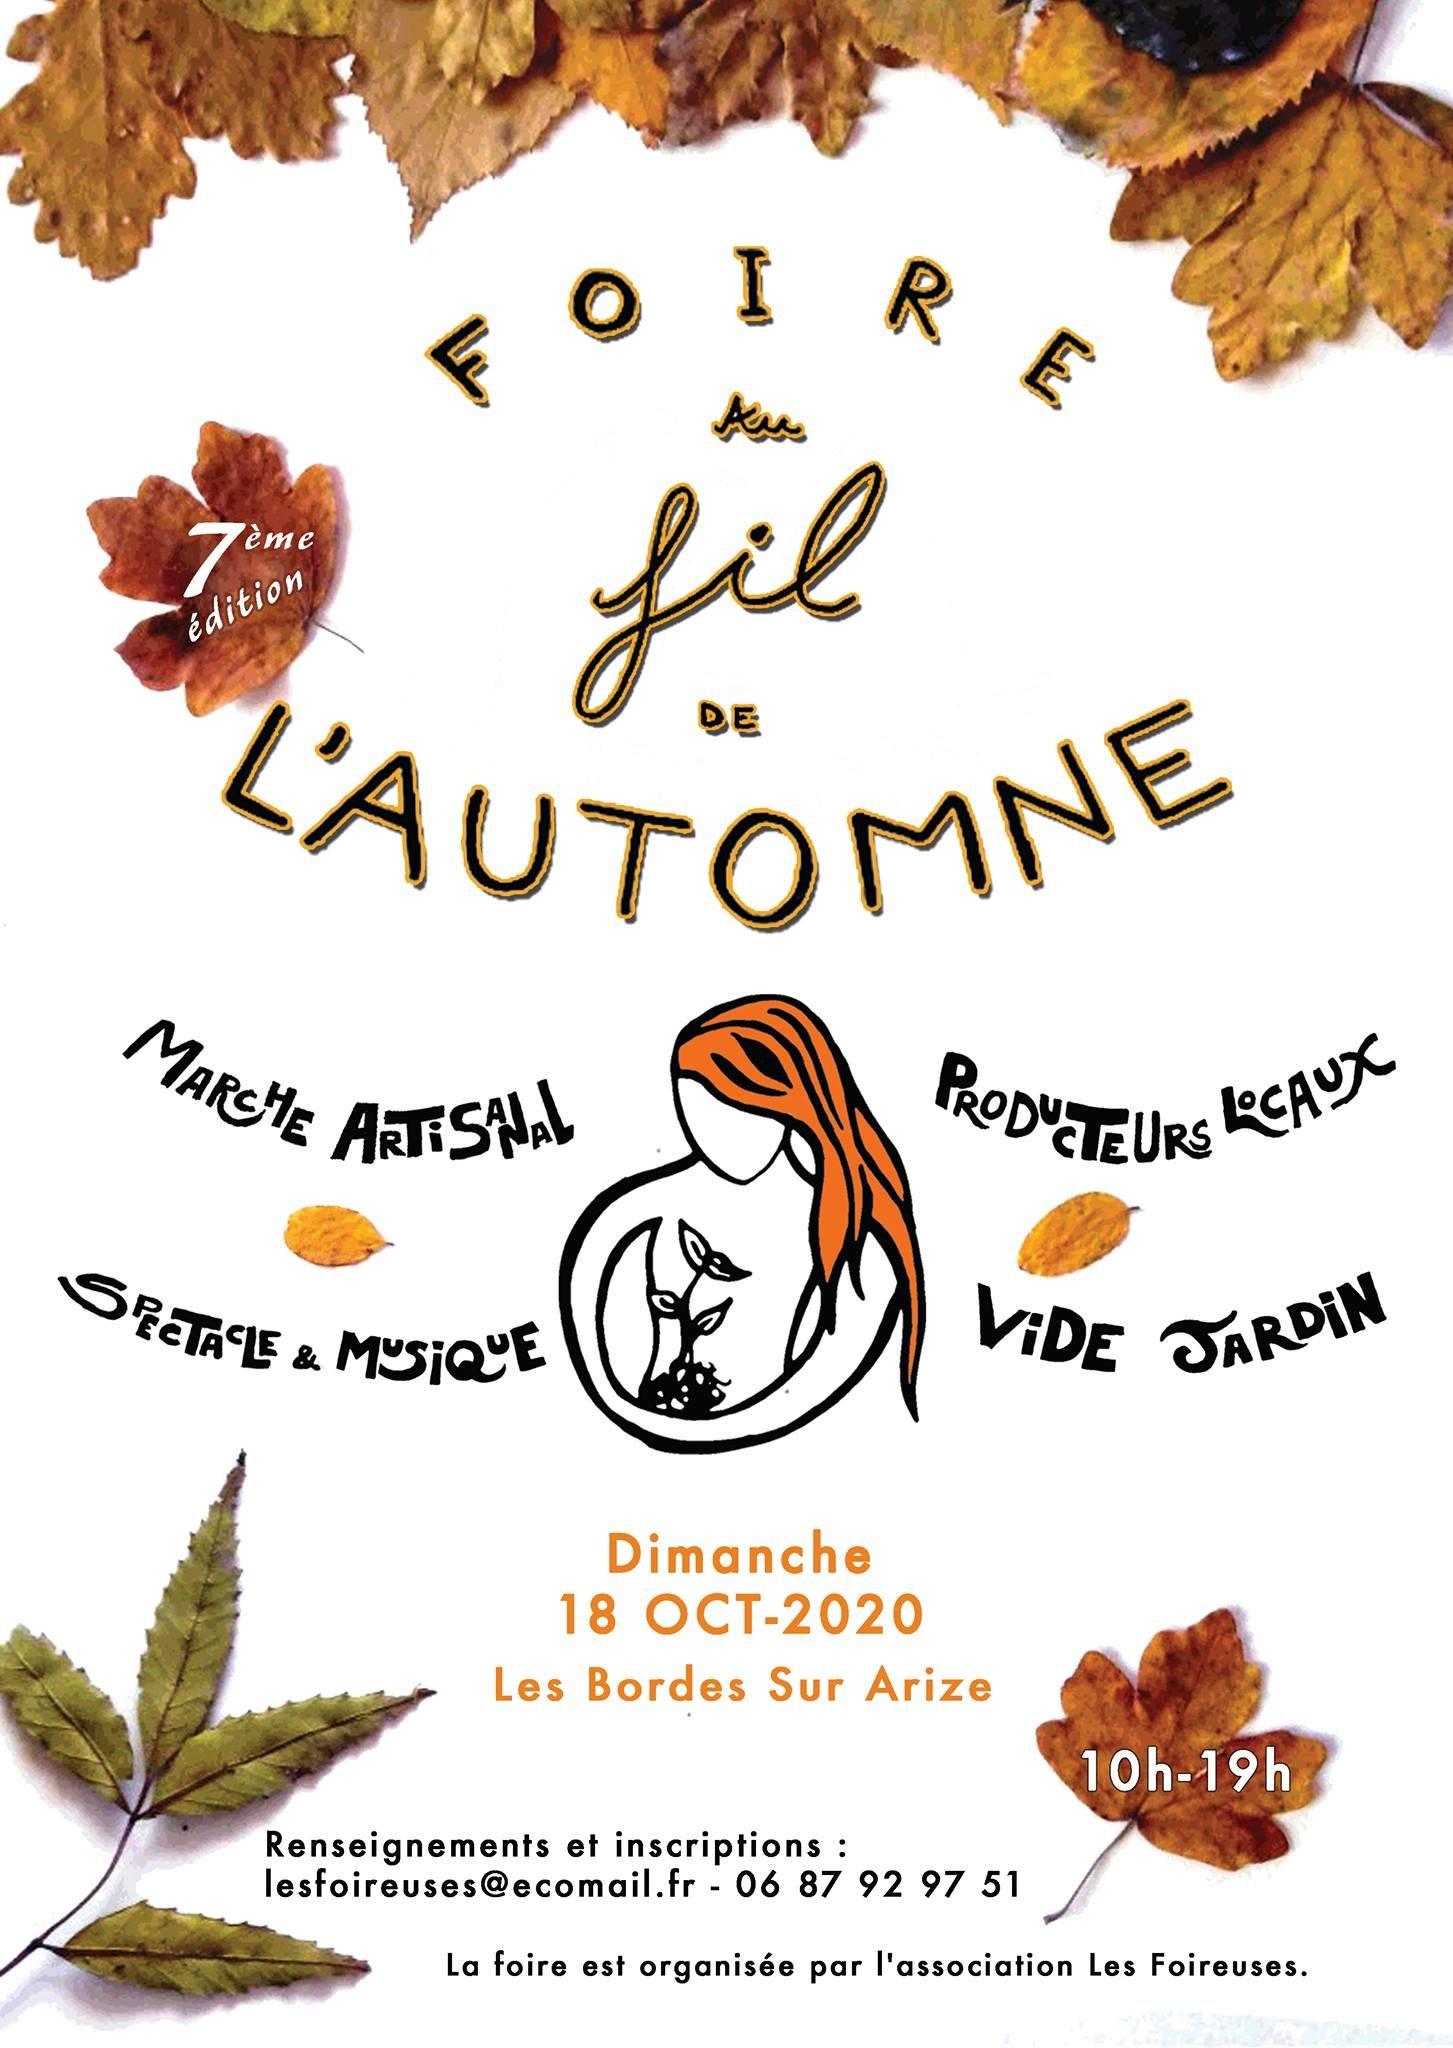 Suivez le fil - foire d'automne le 18 octobre 2020 de 10h à 18h